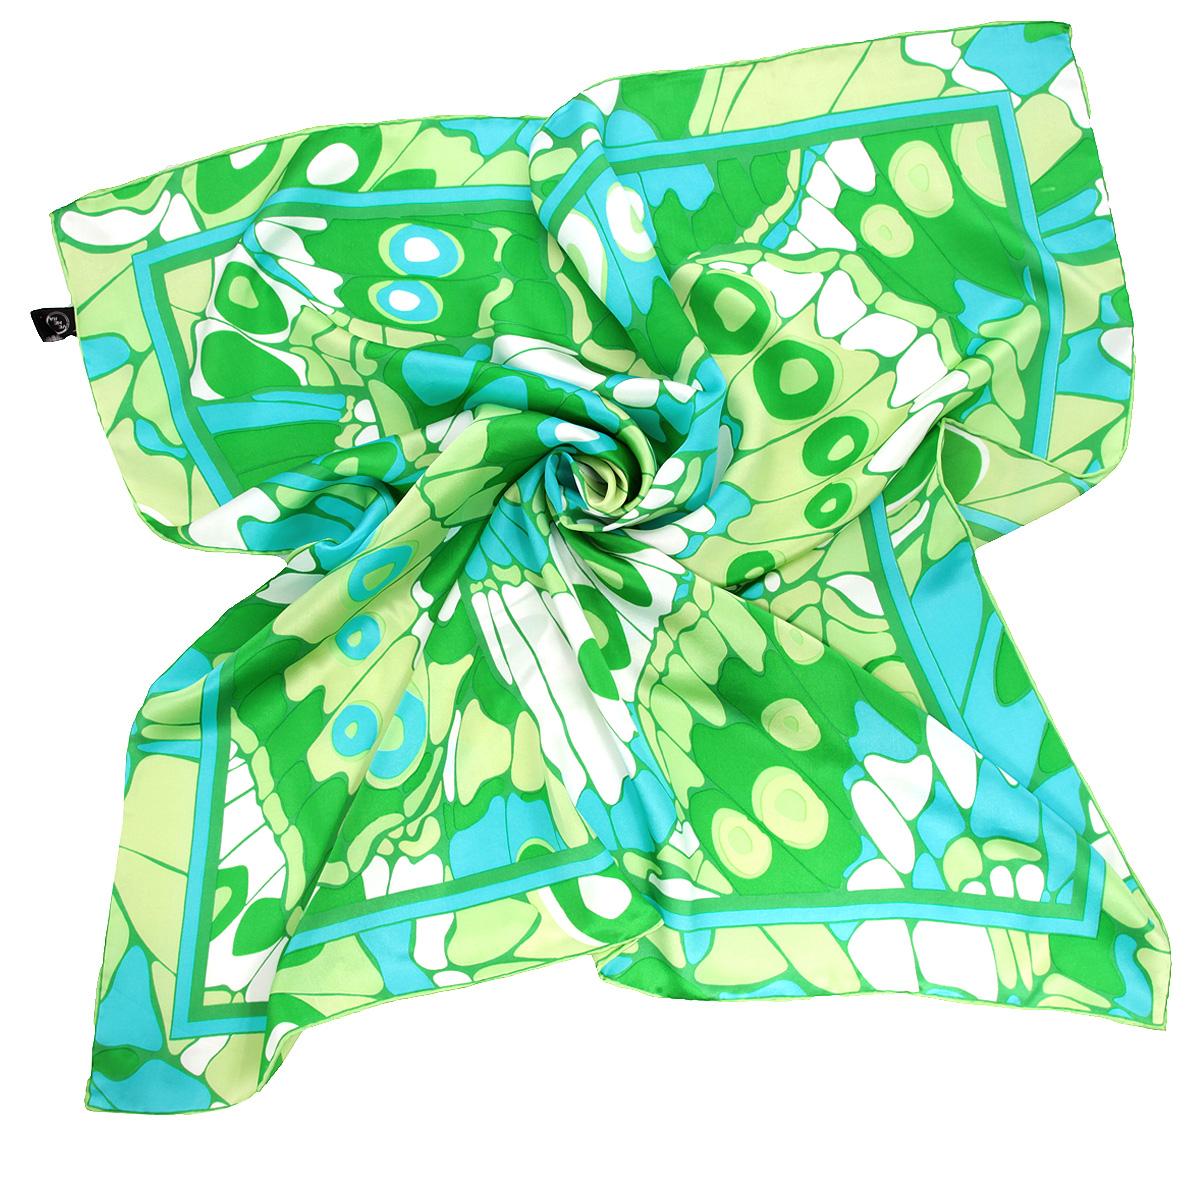 Платок1801629-1 ПлатокОчаровательный платок Venera подчеркнет ваш неповторимый образ. Изделие выполнено из натурального шелка и оформлено ярким орнаментом. Края платка обработаны вручную. Этот модный аксессуар женского гардероба гармонично дополнит образ современной женщины, следящей за своим имиджем и стремящейся всегда оставаться стильной и элегантной.